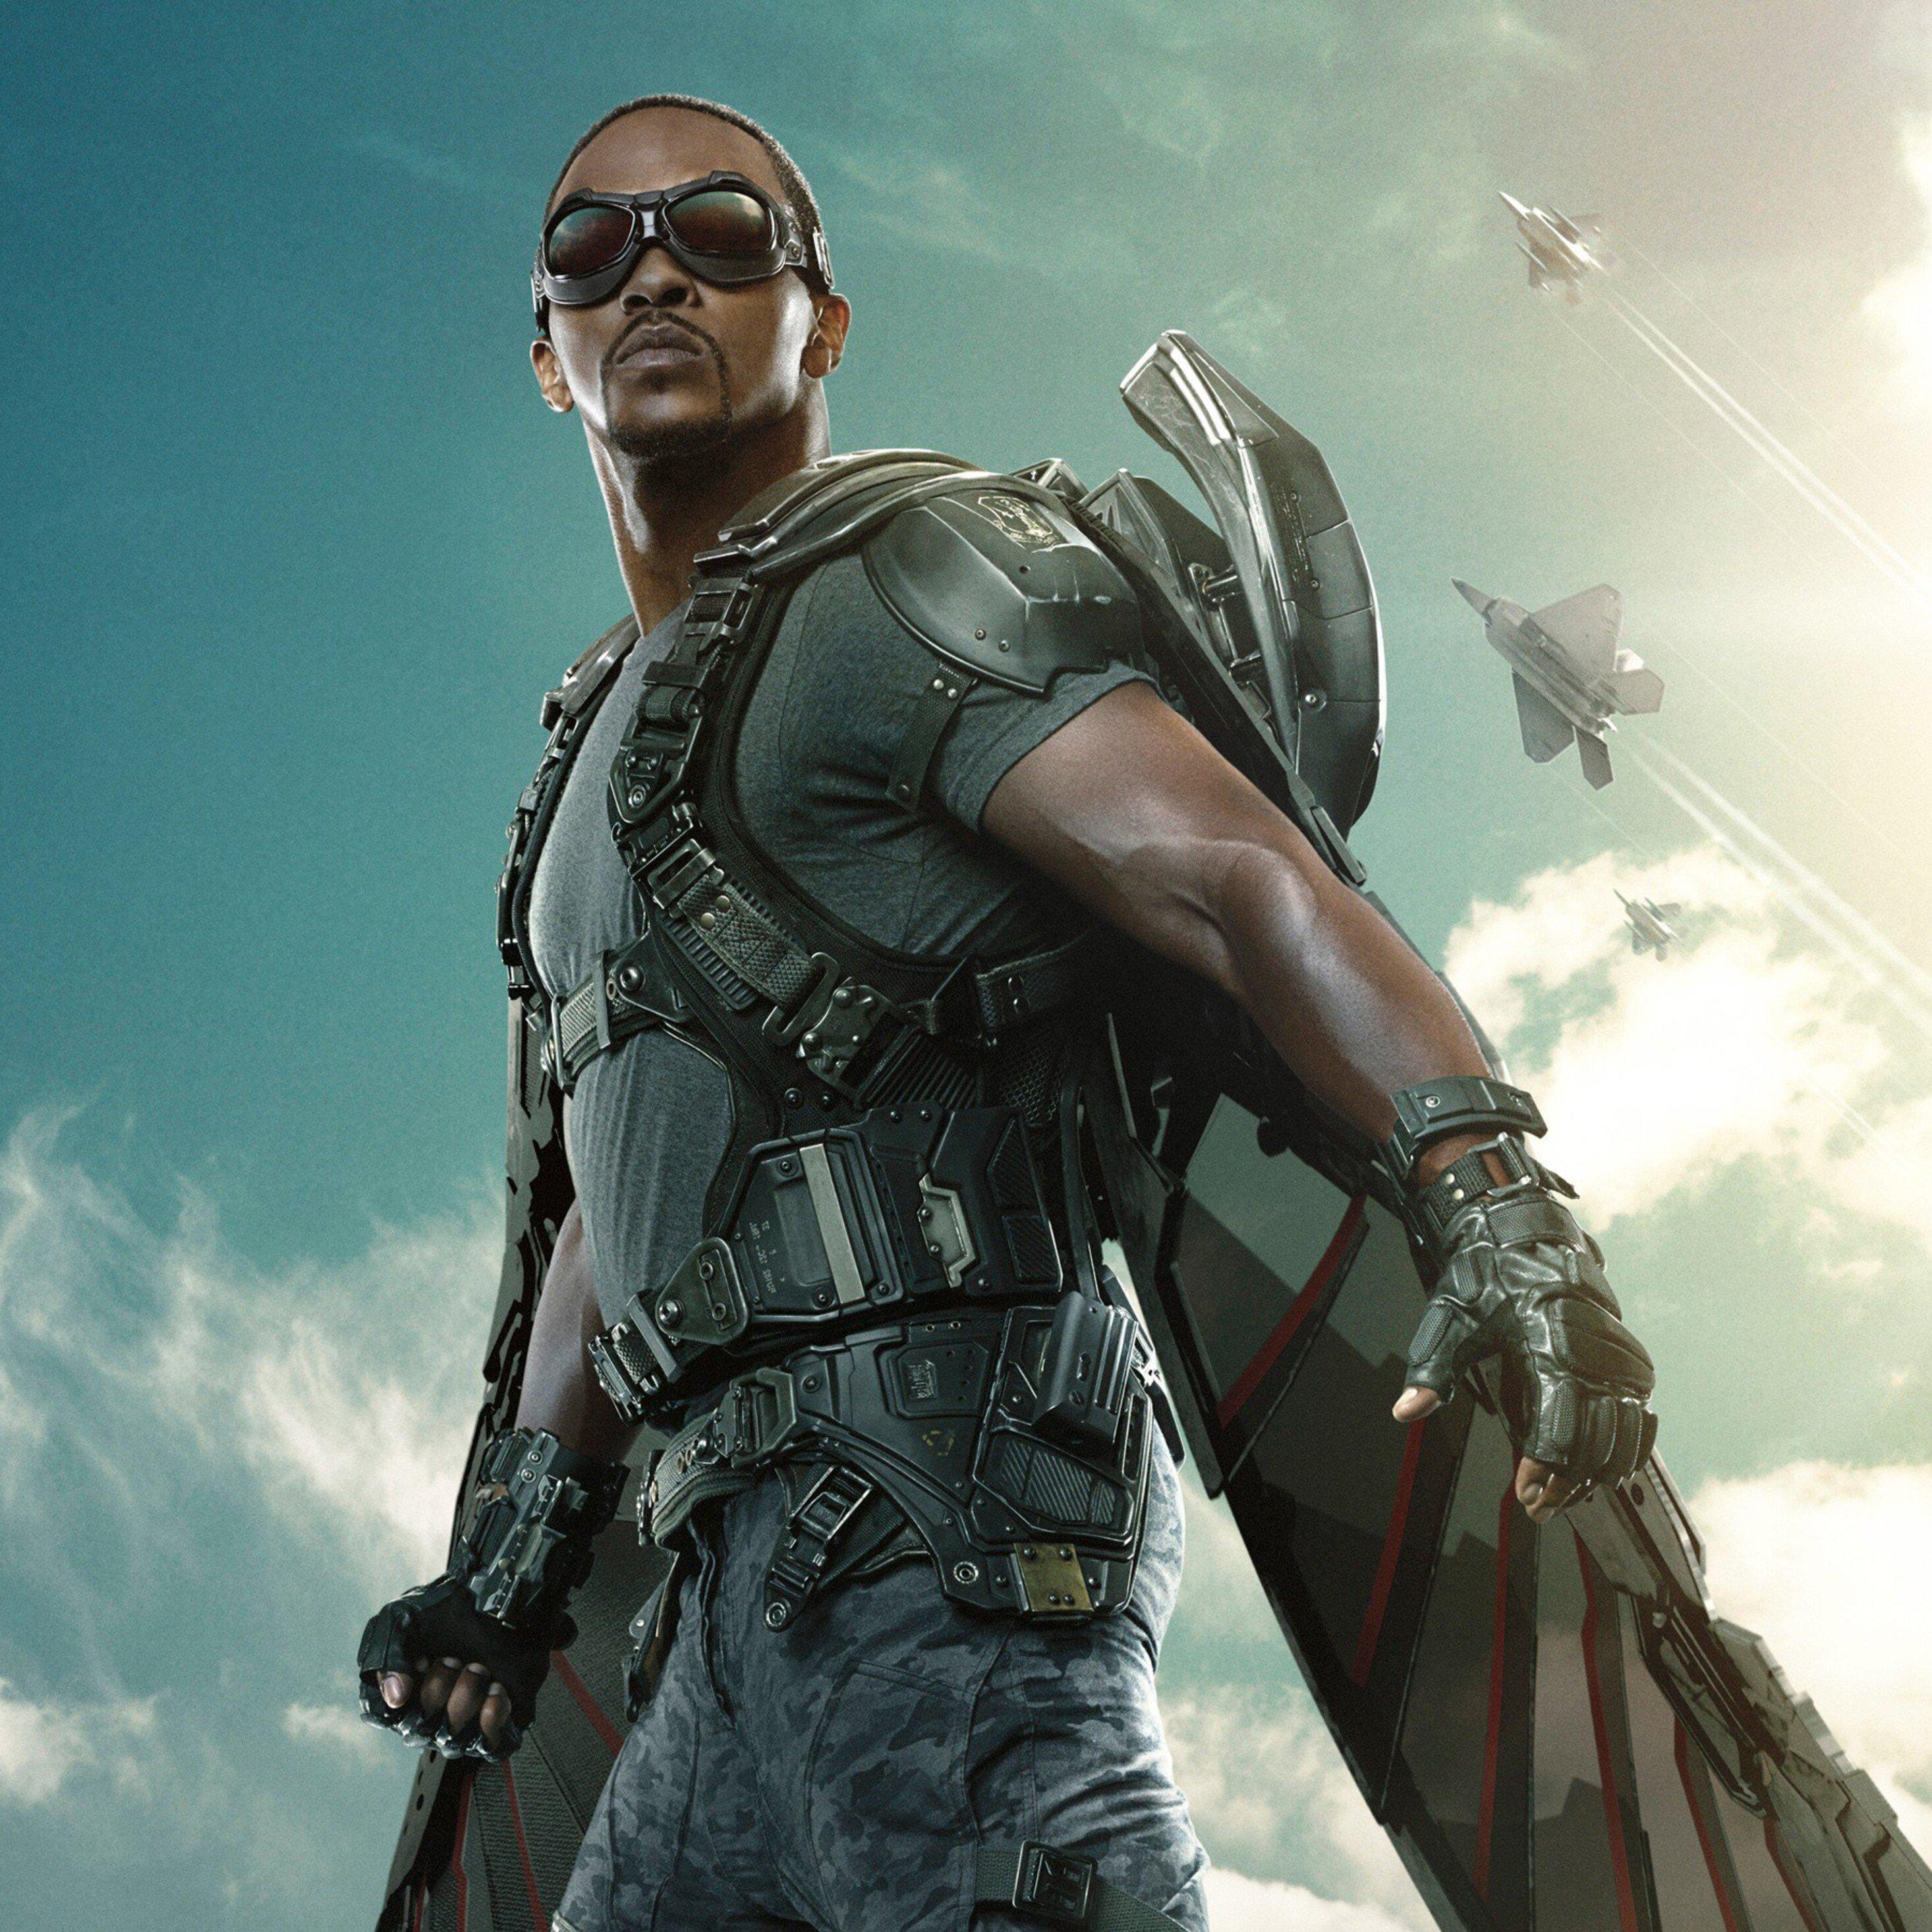 2932x2932 The Falcon Captain America The Winter Soldier ...